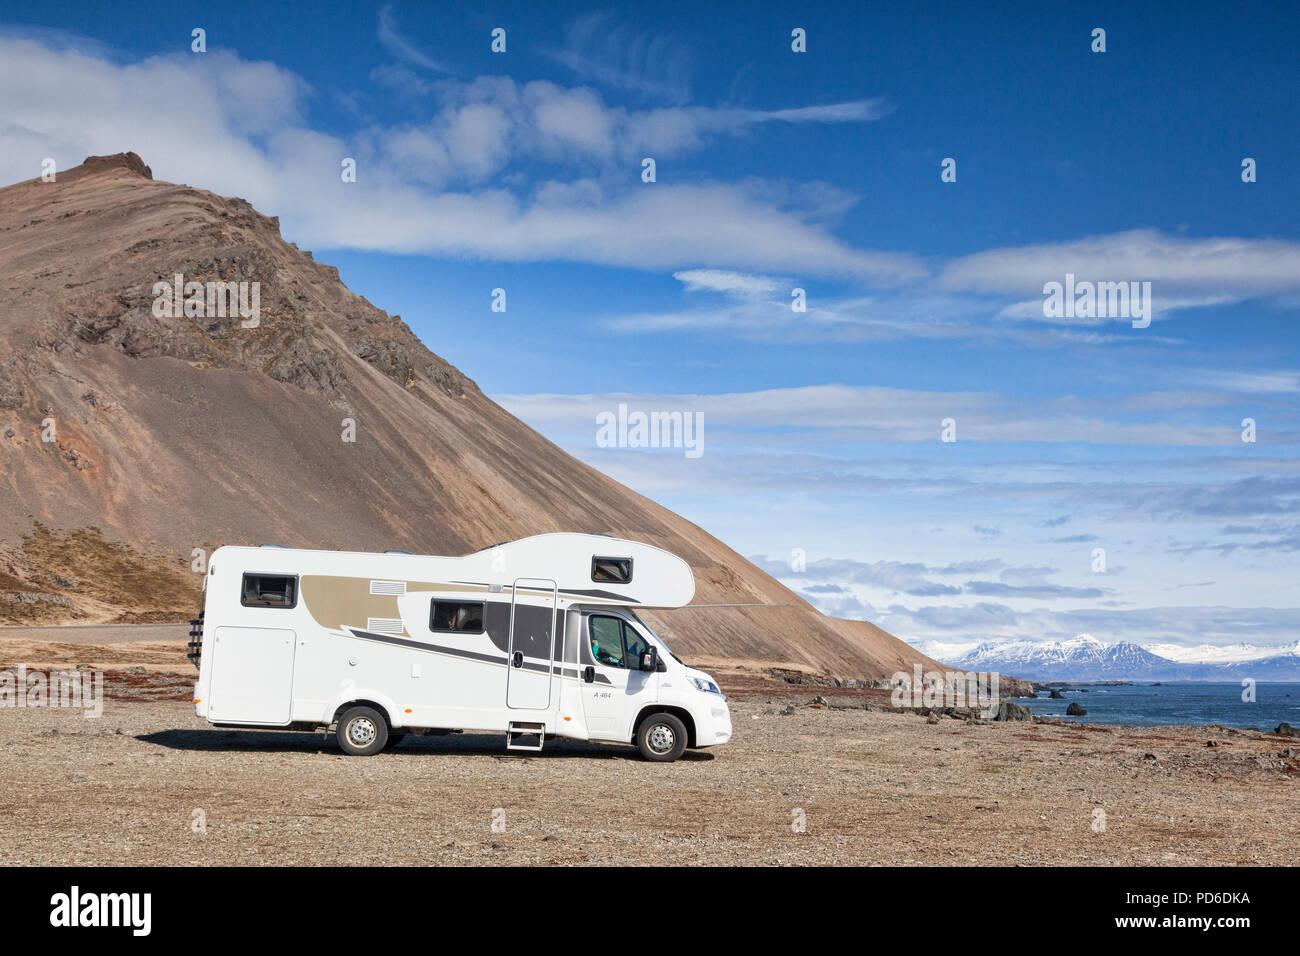 25 avril 2018: le sud de l'Islande - Camping stationné dans une aire de repos à côté de la Rocade dans le sud de l'Islande Photo Stock